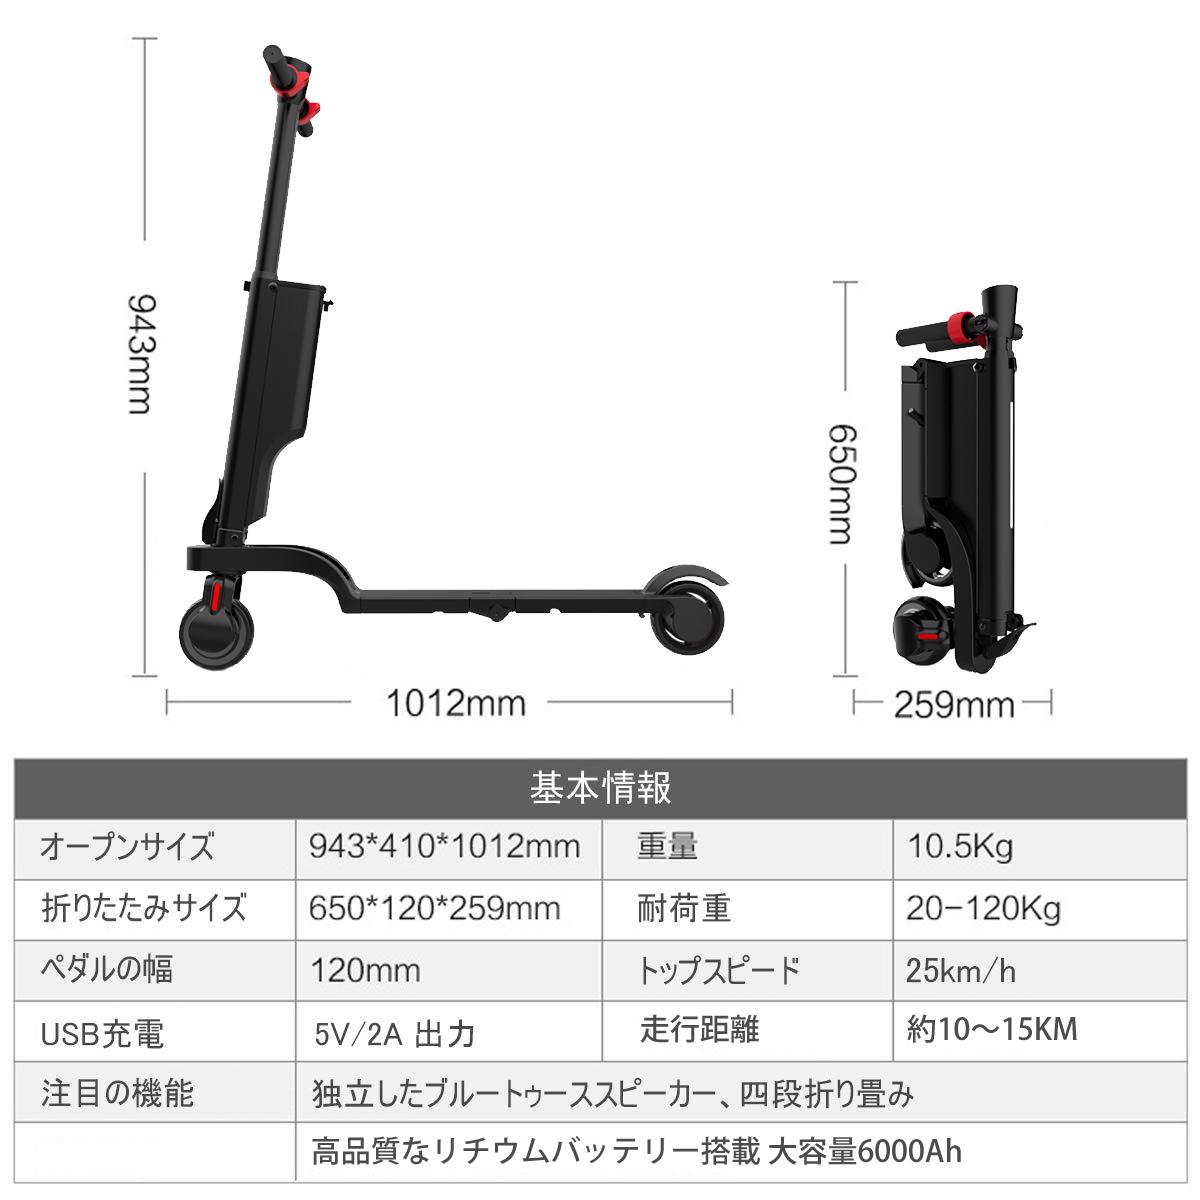 キックボードブレーキ付電動Bluetoothスピーカー搭載キックスケーターキックスクーター立ち乗り式二輪車PL保険PSE規格品